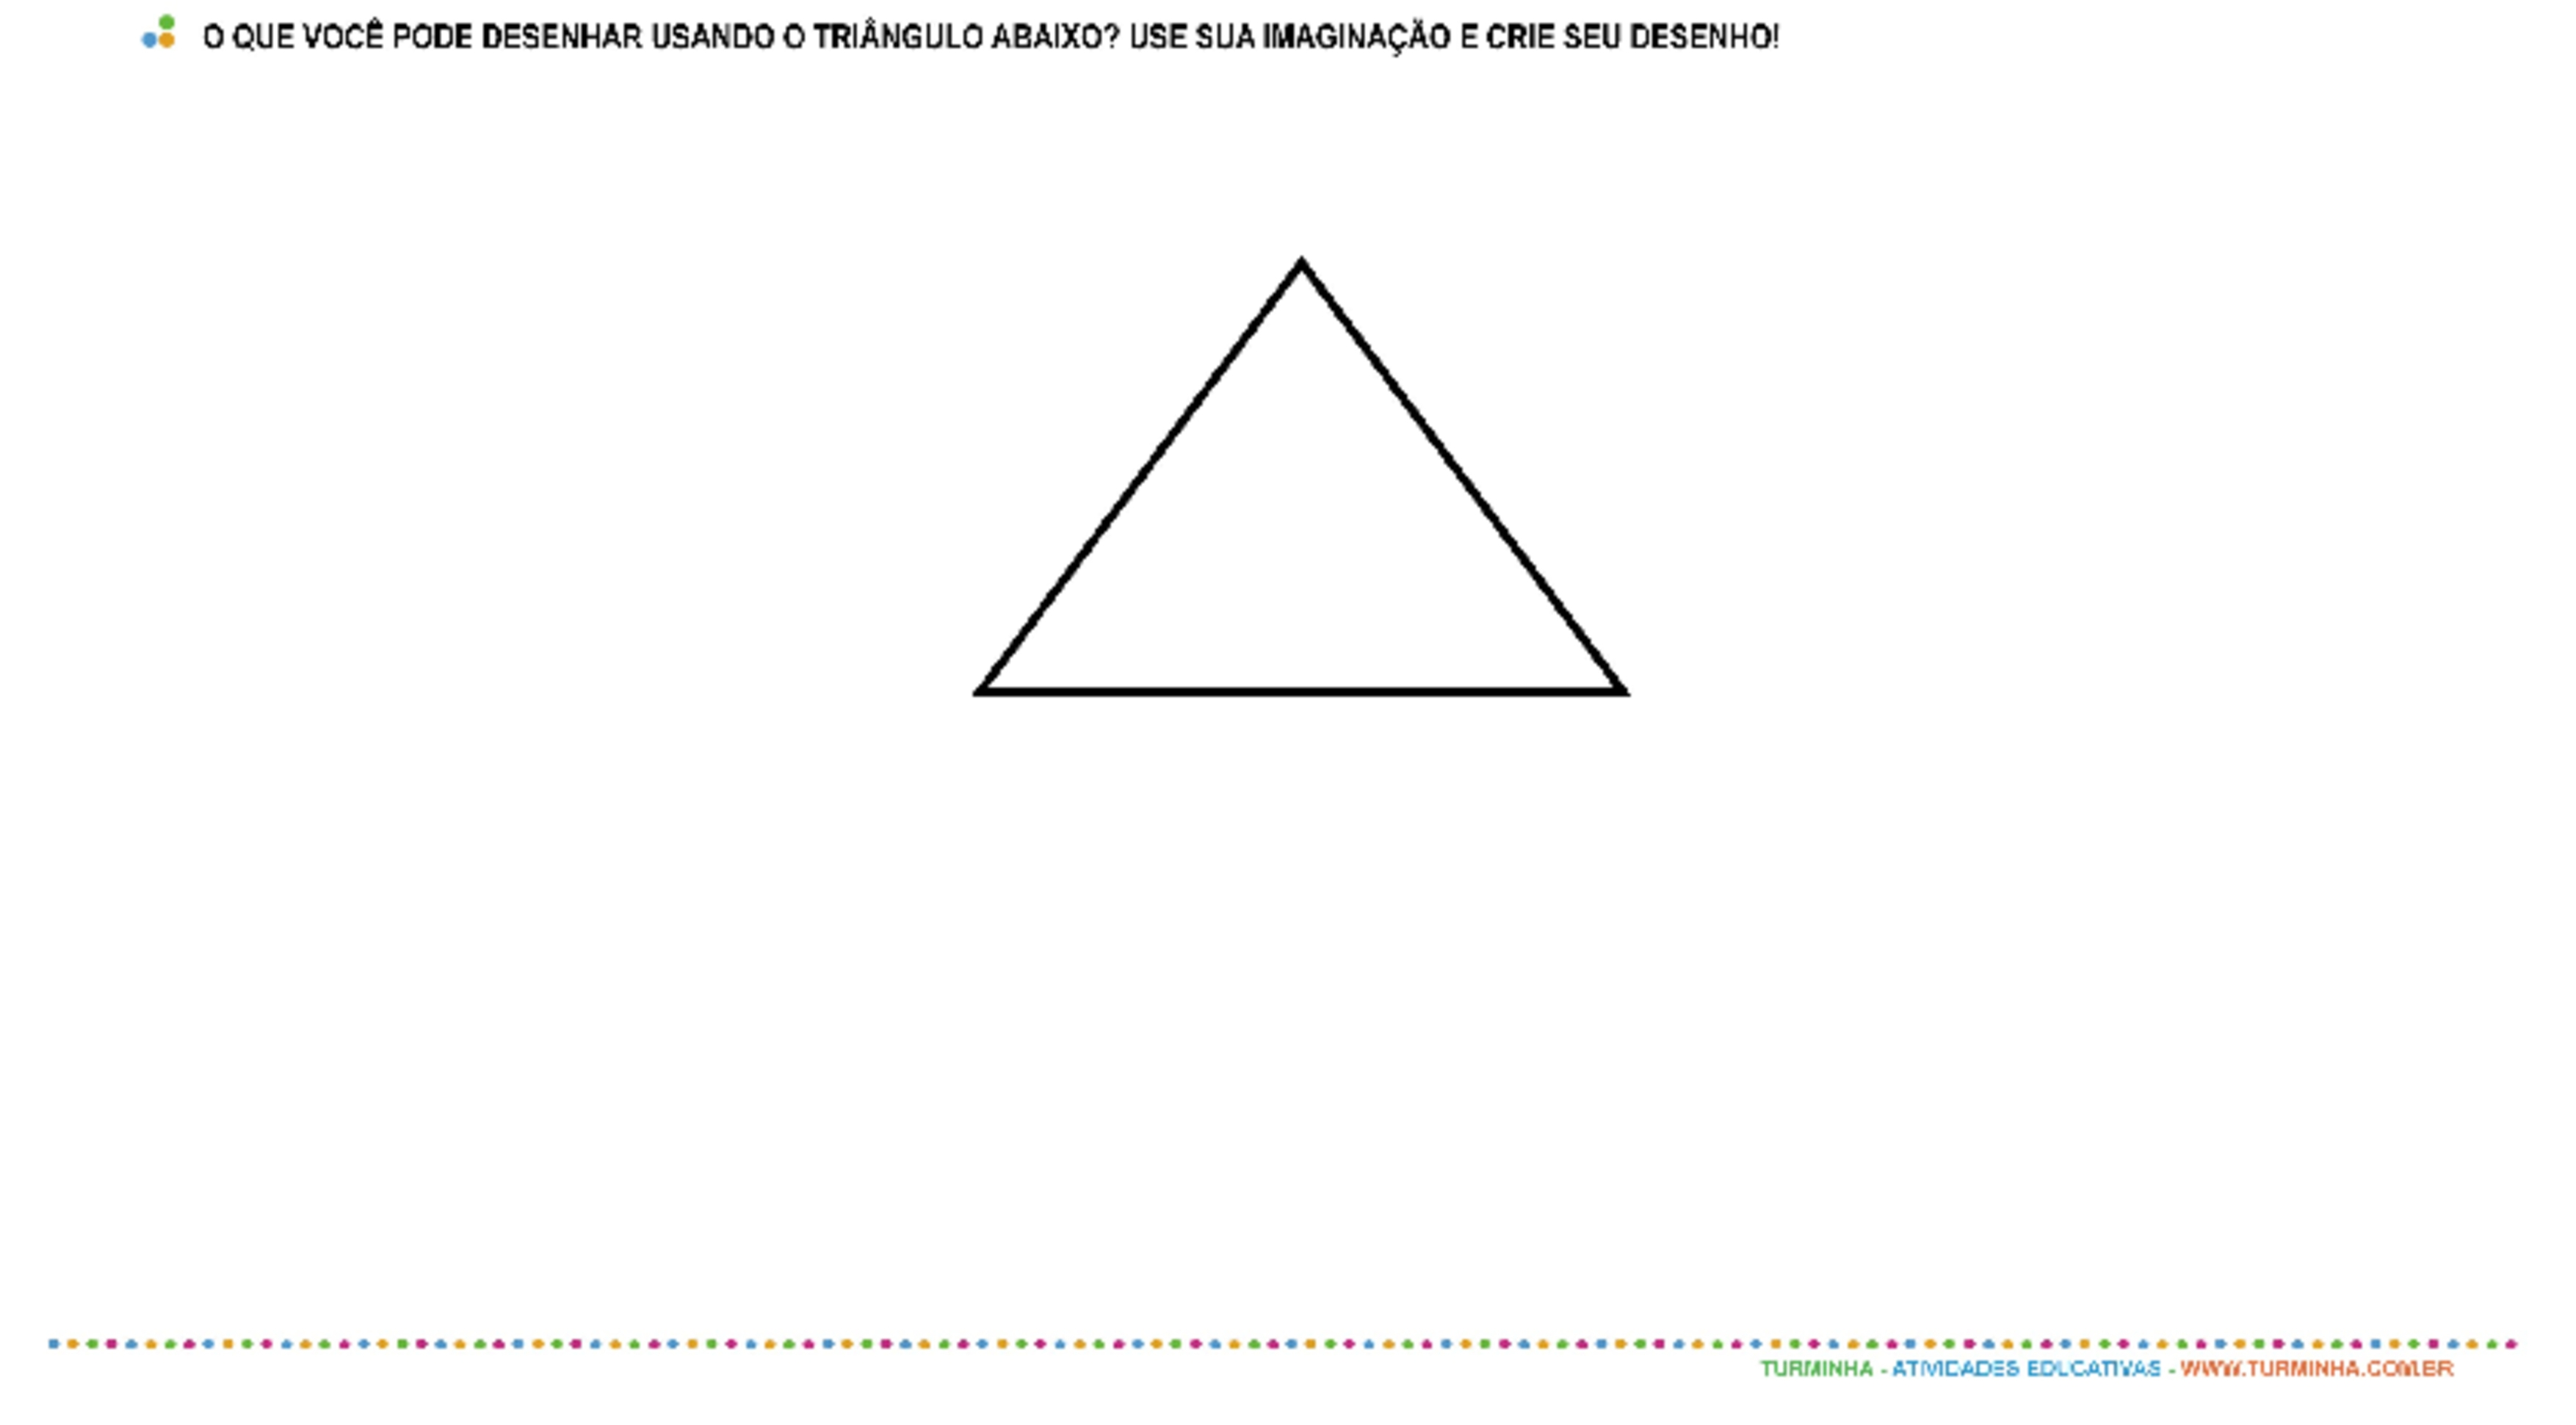 Formas Geométricas - Triângulo - atividade educativa para Pré-Escola (4 e 5 anos)